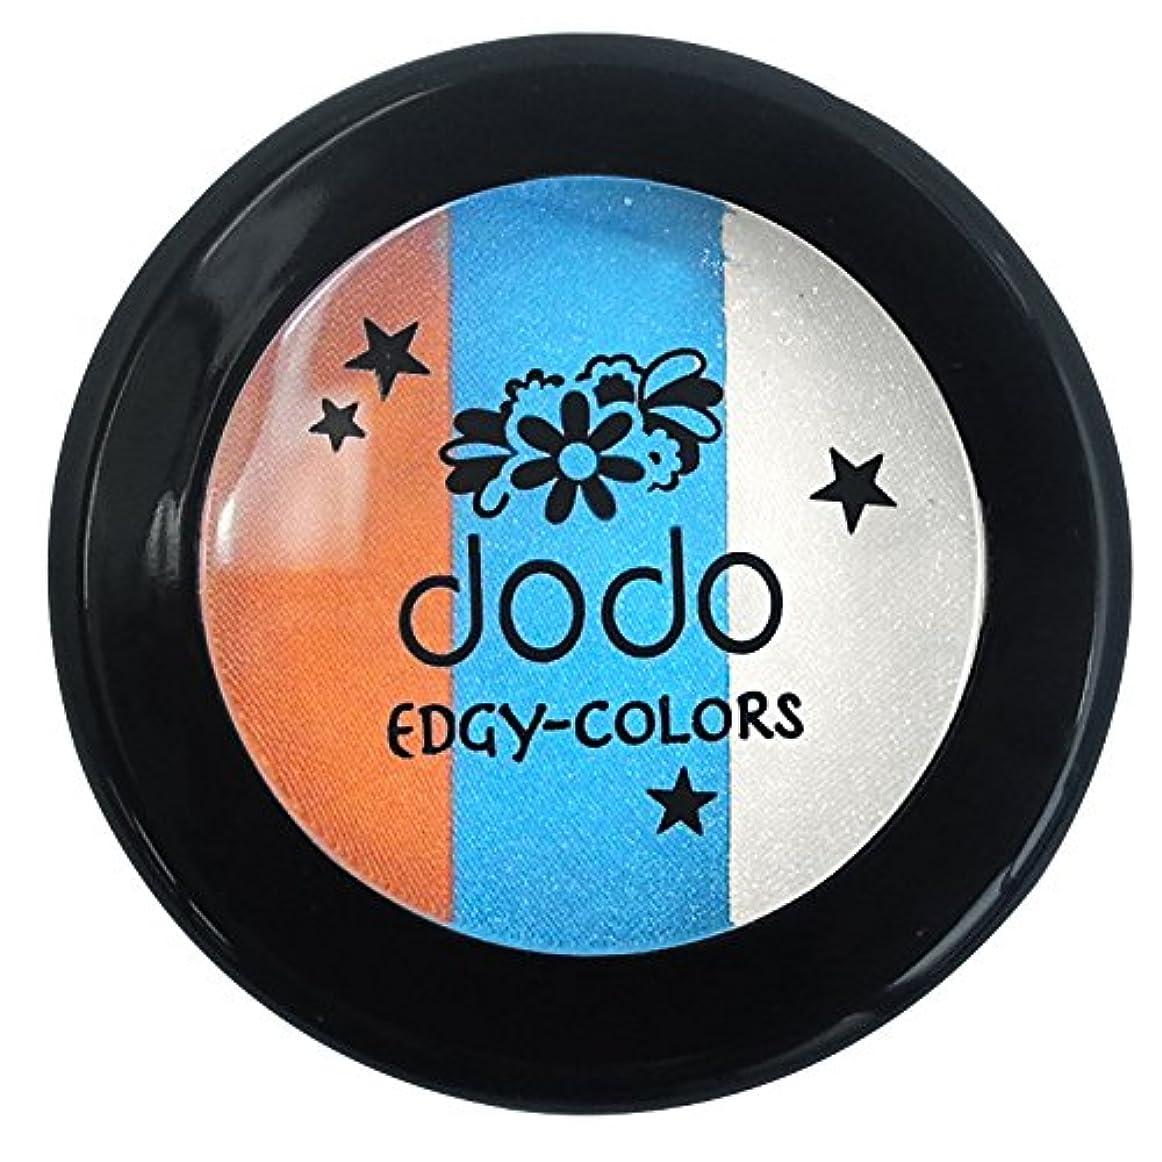 許可便利さパンフレットドド エッジィカラーズ EC60ピーコックブルー